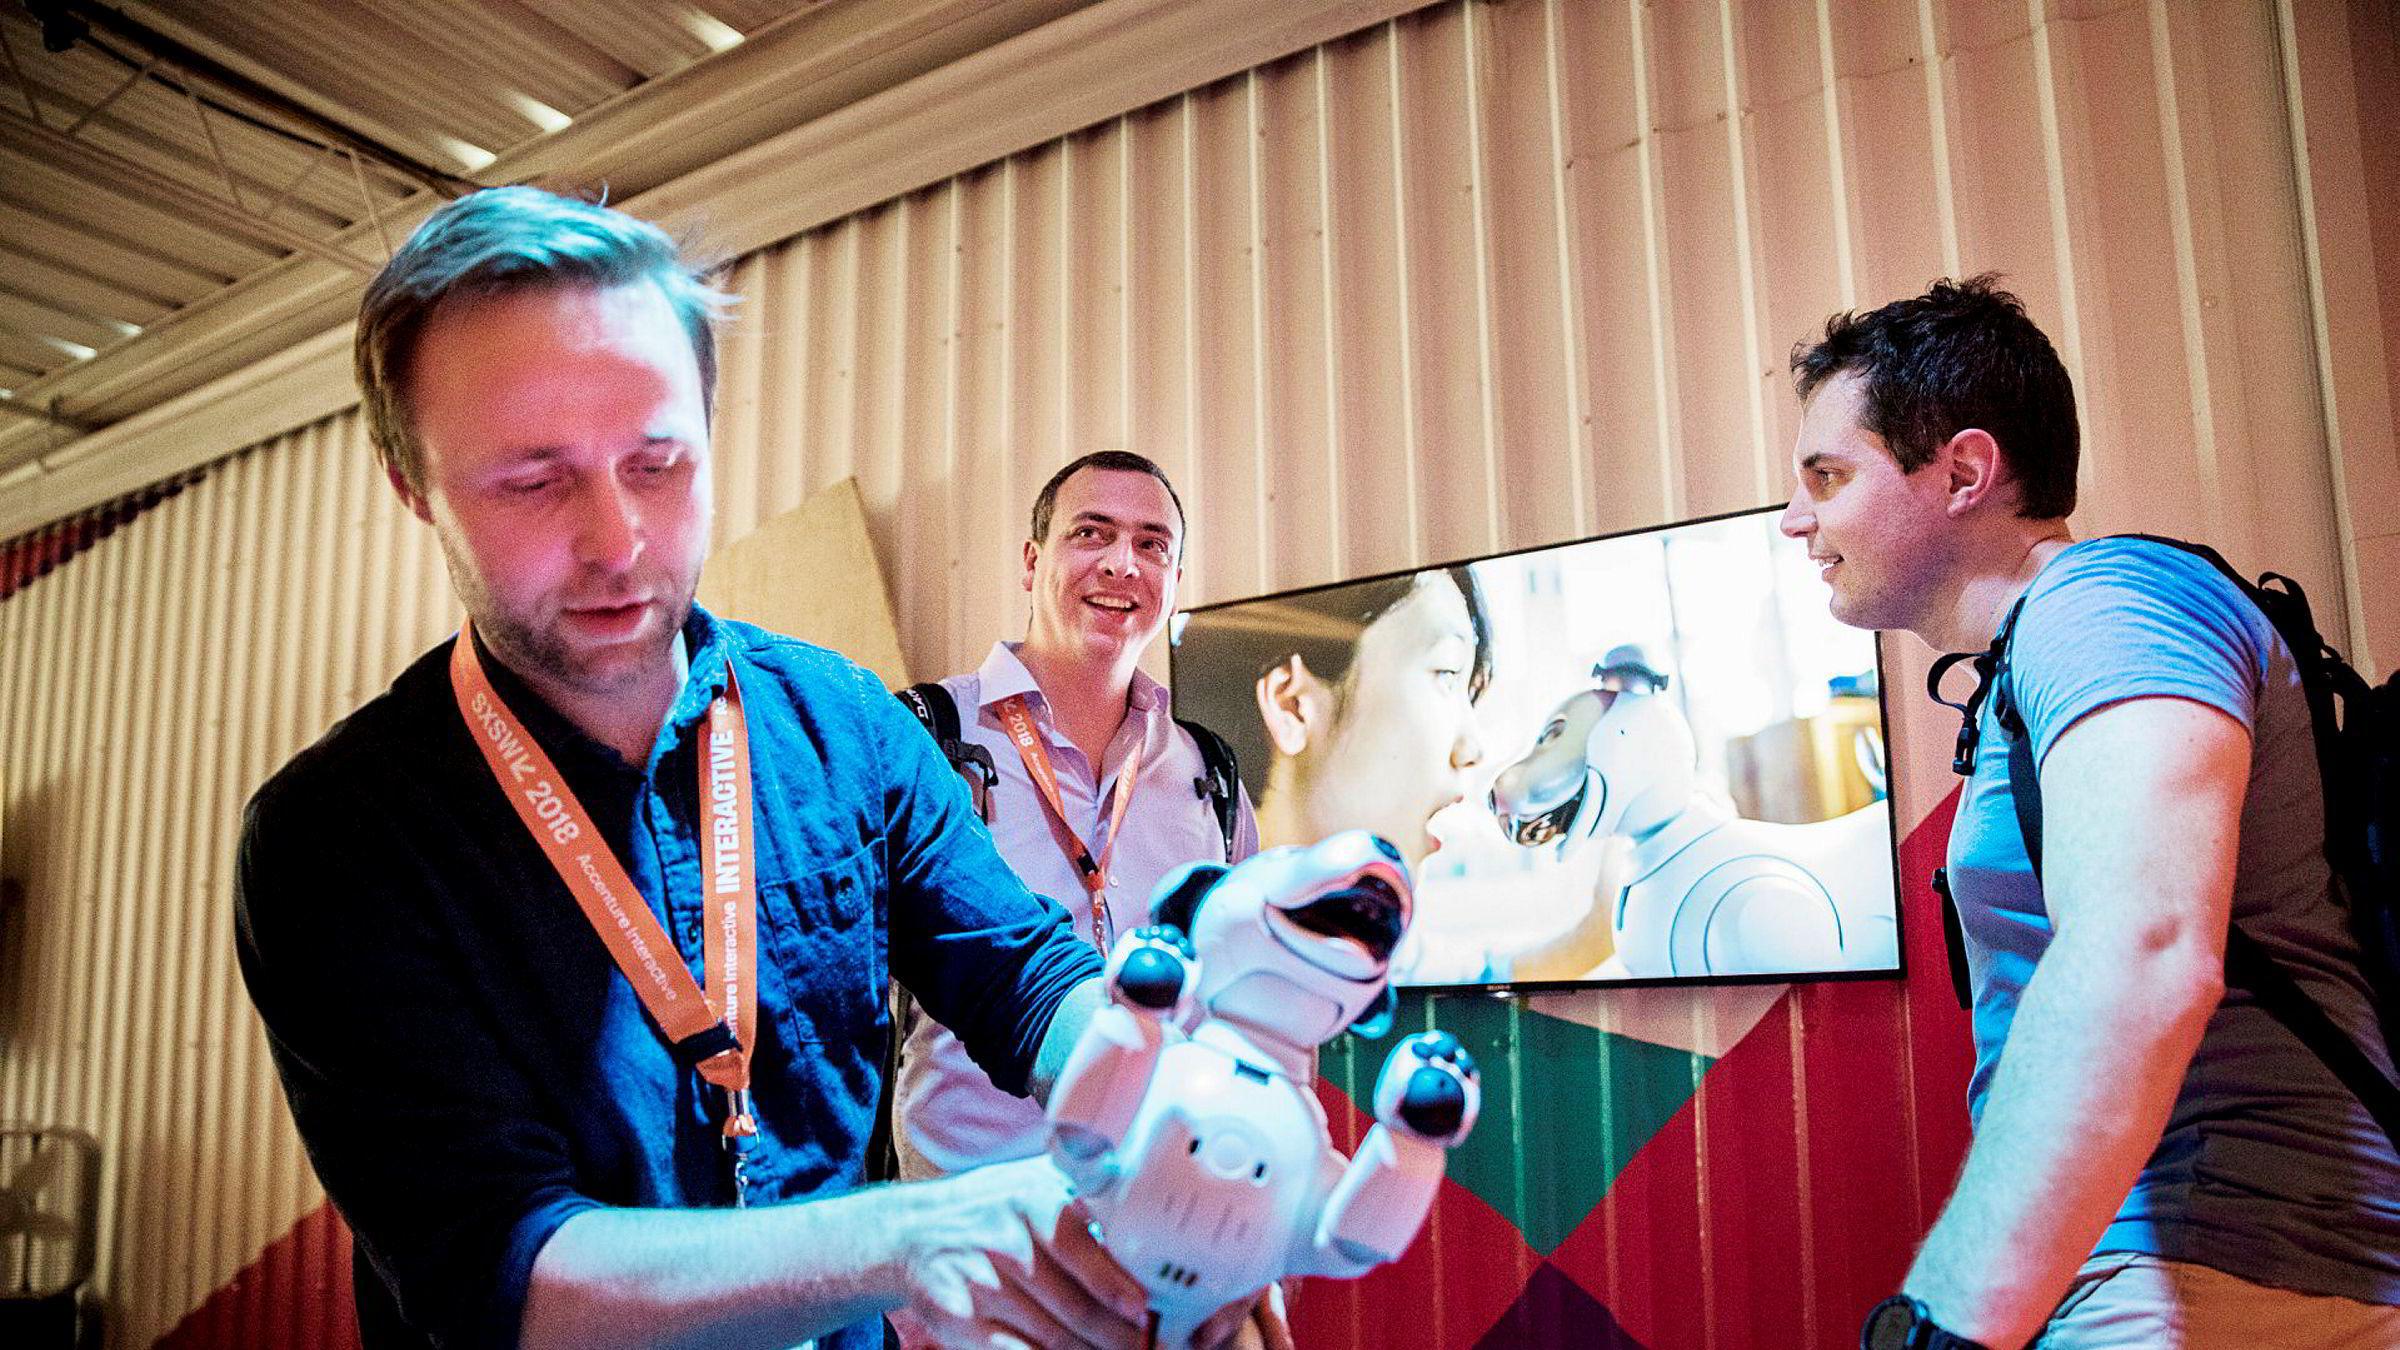 Halvor Gregusson (til venstre) er medgründer i bedriftene Rocketfarm og nLink i Sogndal, og er i Austin for å lære om kunstig intelligens med kollega Aslak Os (til høyre). I bakgrunnen: Kjetil Thorvik Brun i Abelia, NHOs forening for teknologibedrifter.